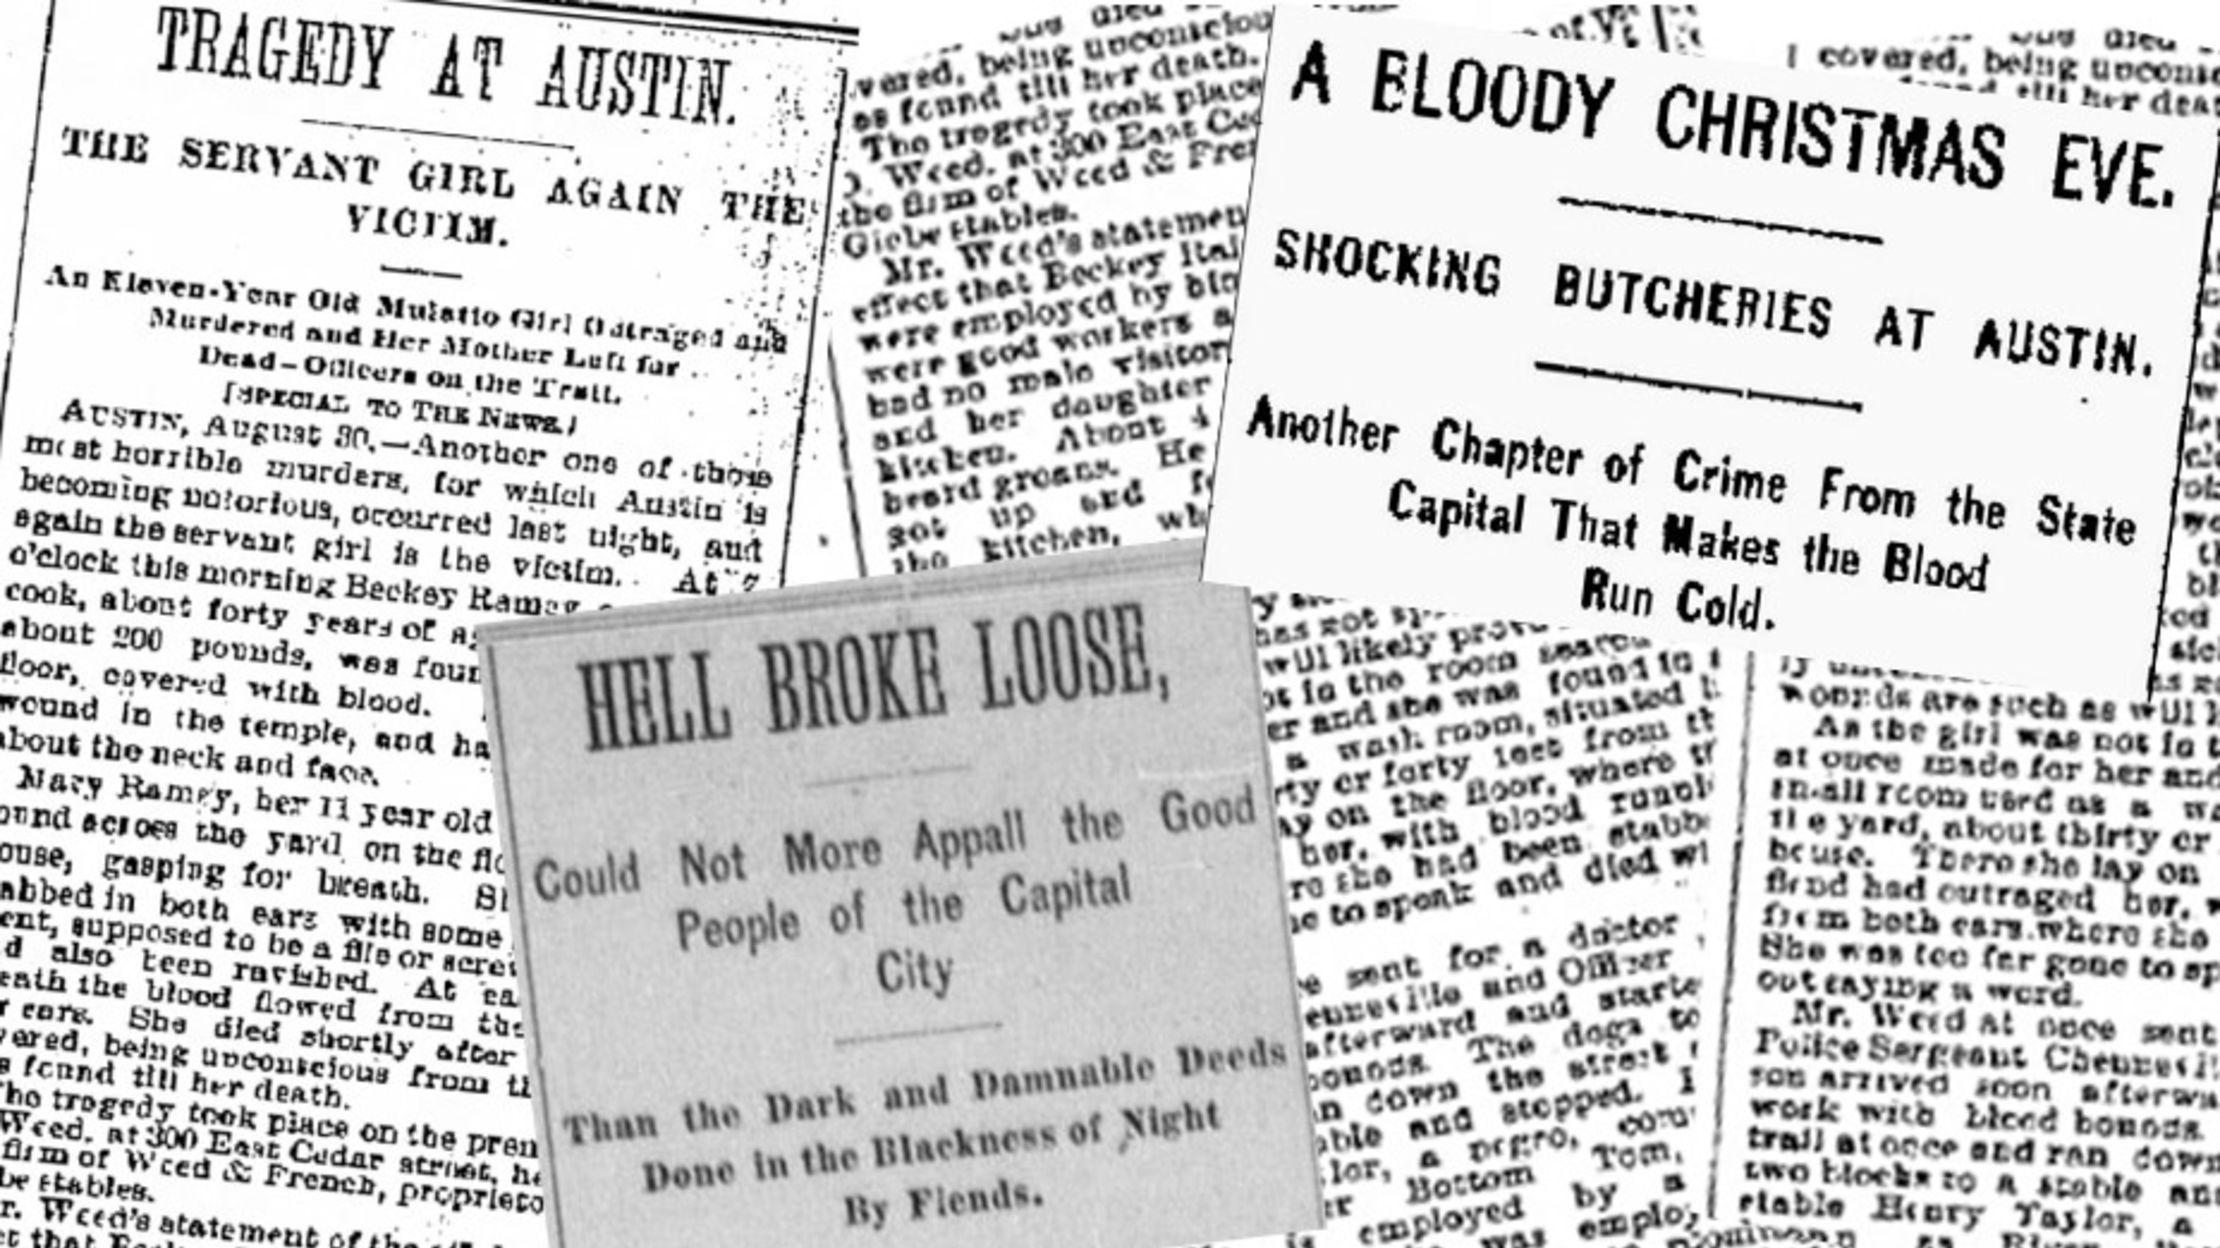 How the 'Servant Girl Annihilator' Terrorized 1880s Austin